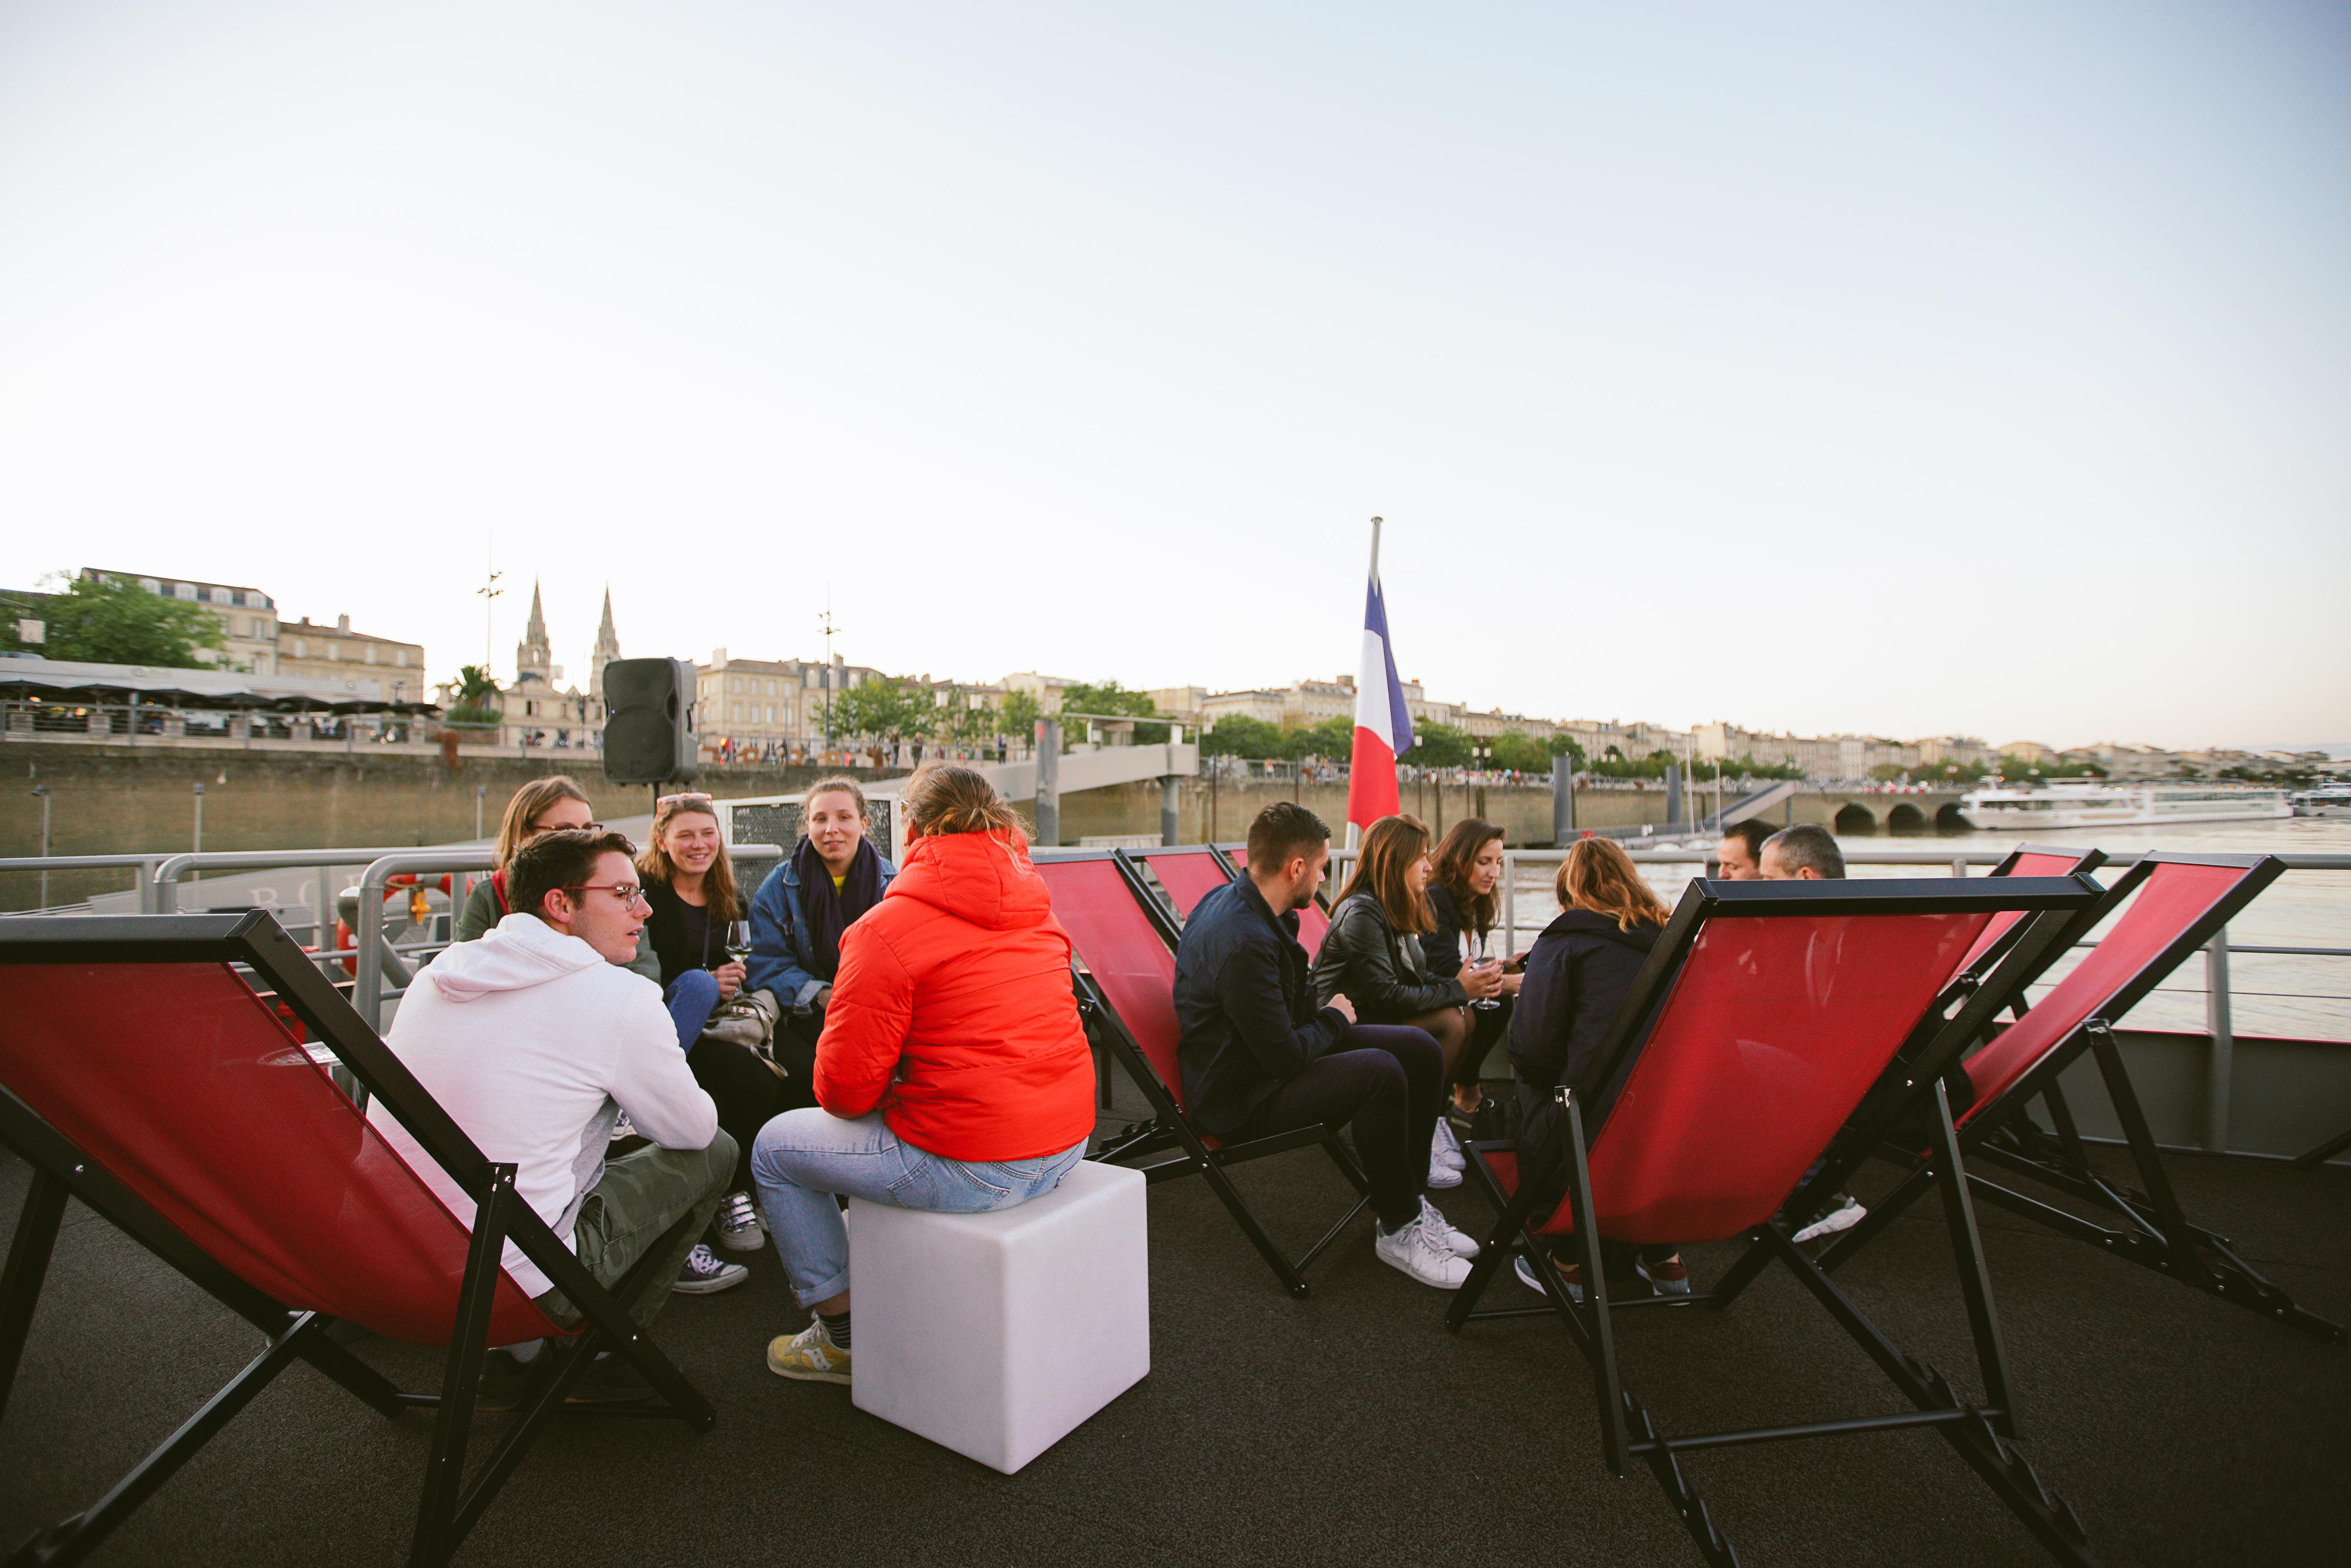 Afterwork_River_Cruise_sur_le_Sicambre_Photographe_d_evenements corporate_christophe_boury_www.photographe-33.fr_HD_A7R04081